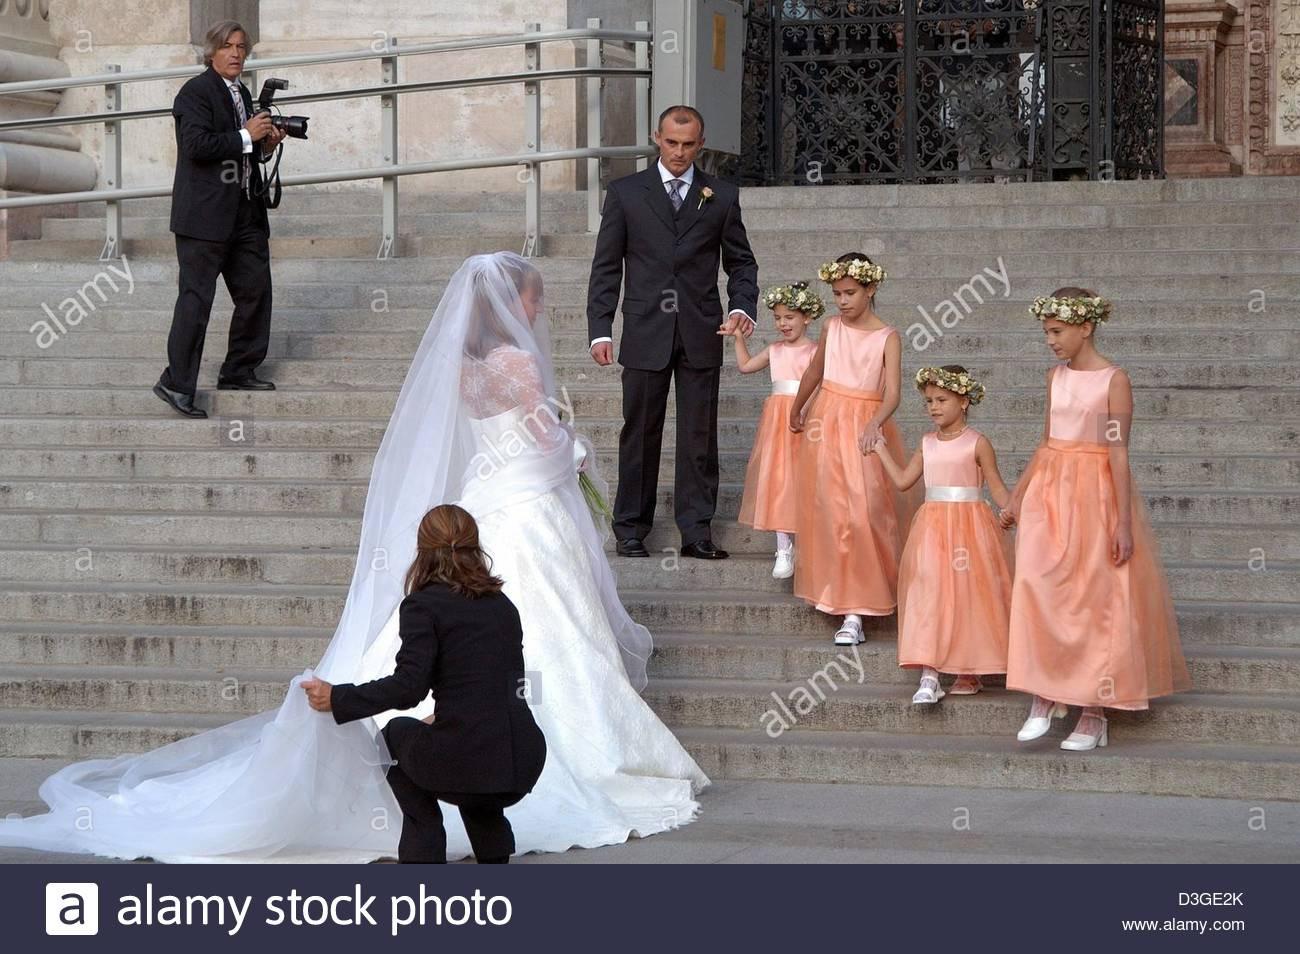 Menschliches Interesse Brummeln Prominente Leute Hochzeit